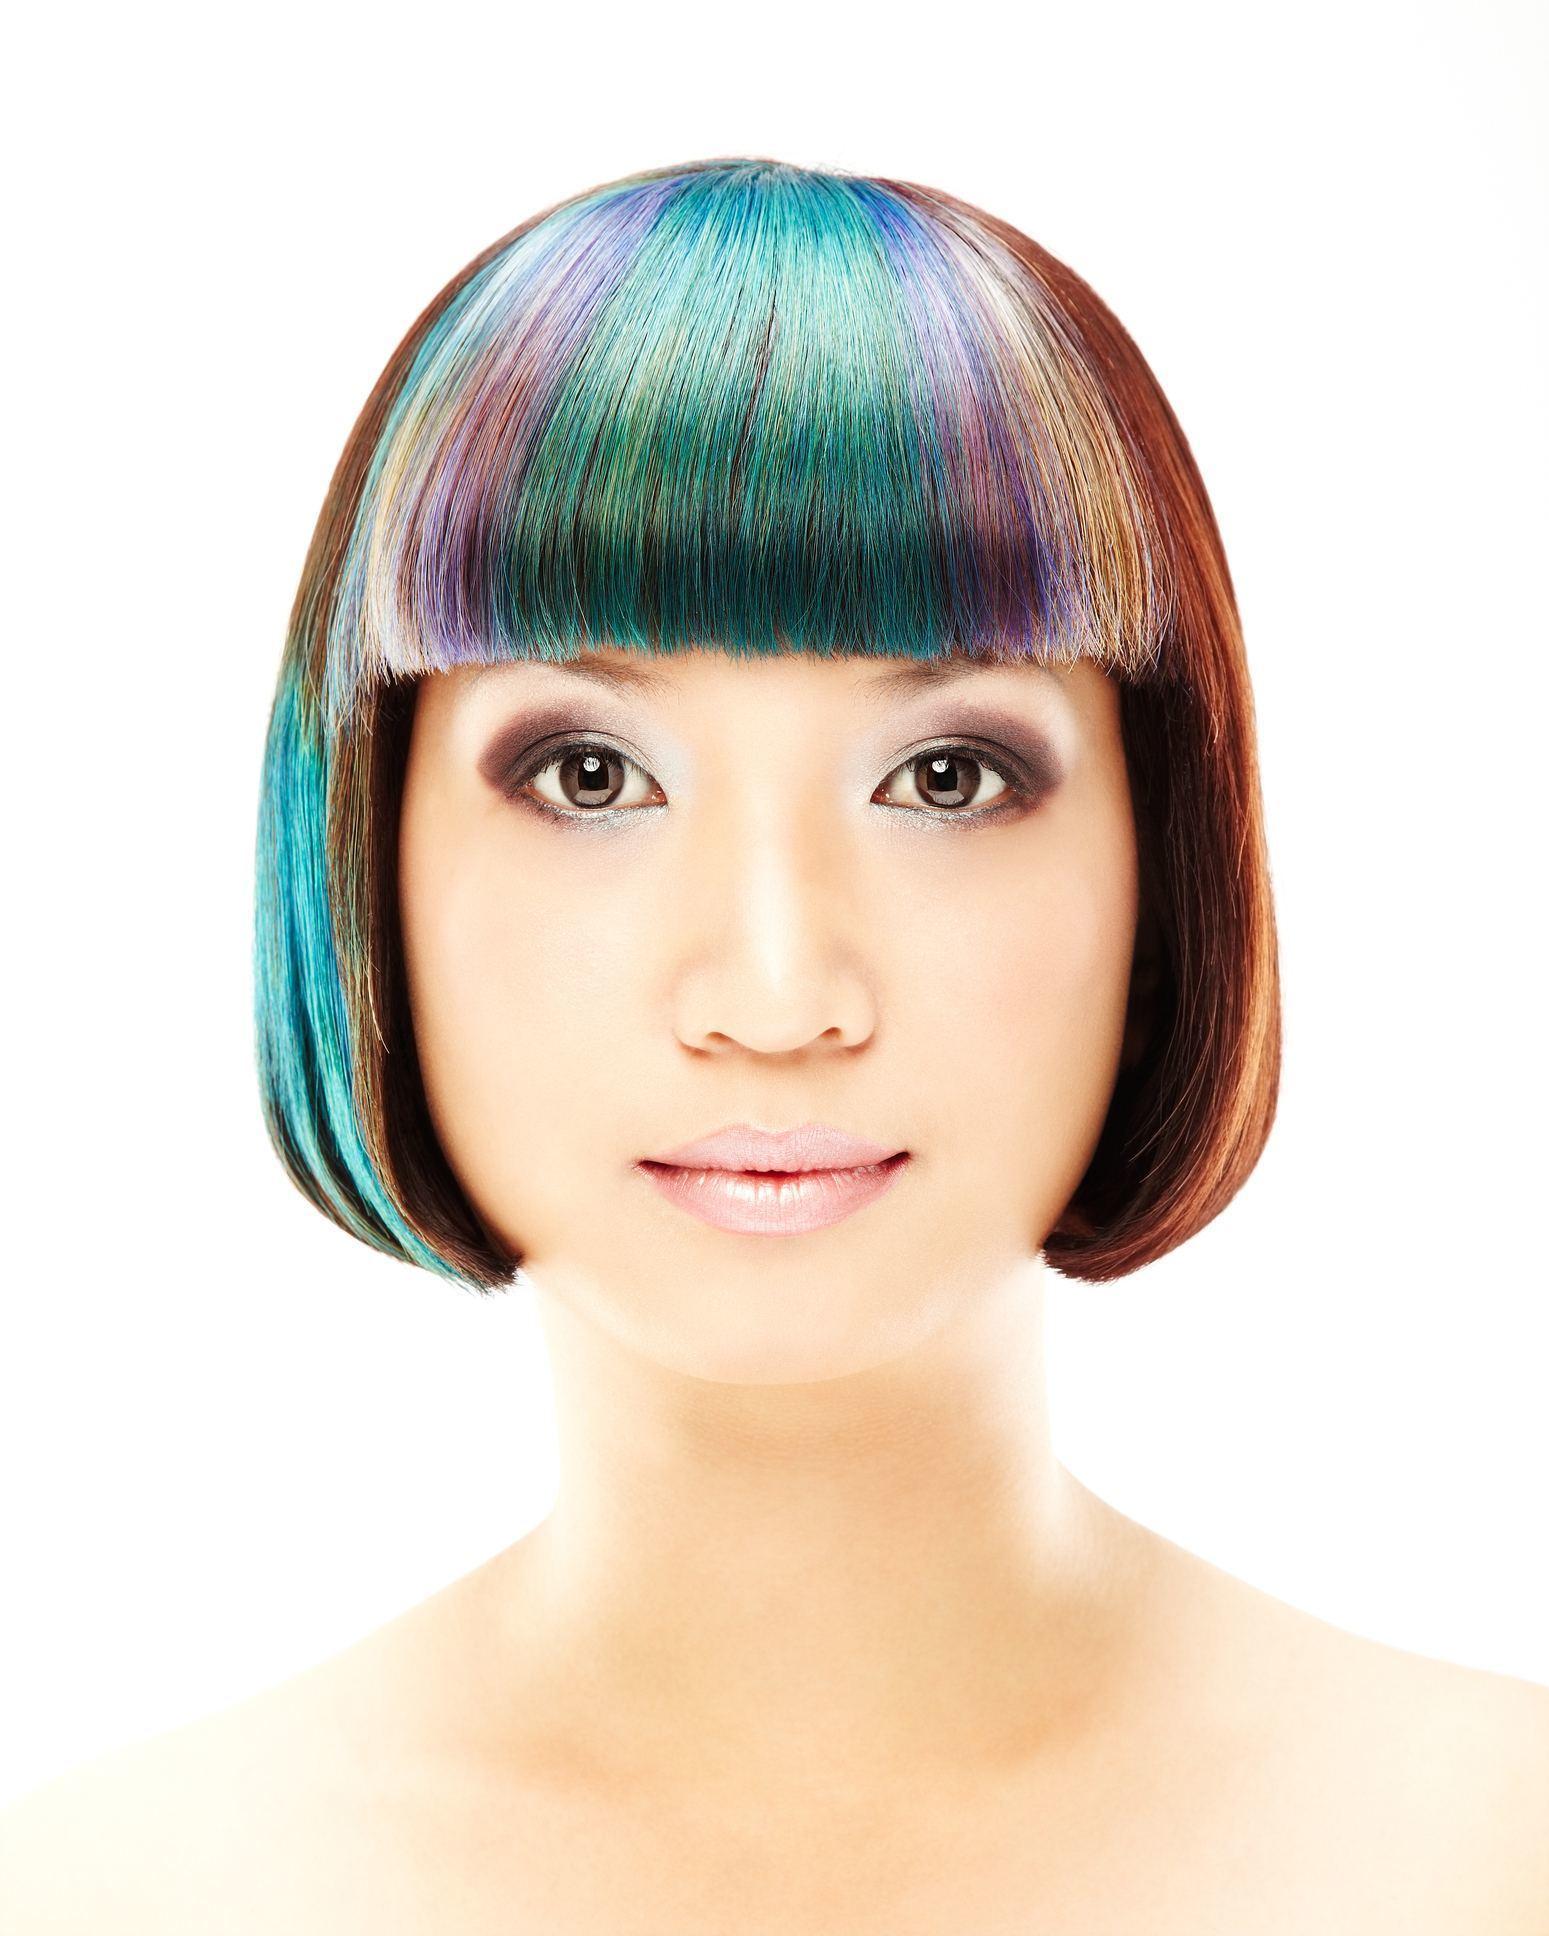 Woman with oil slick hair streaks in brown hair.